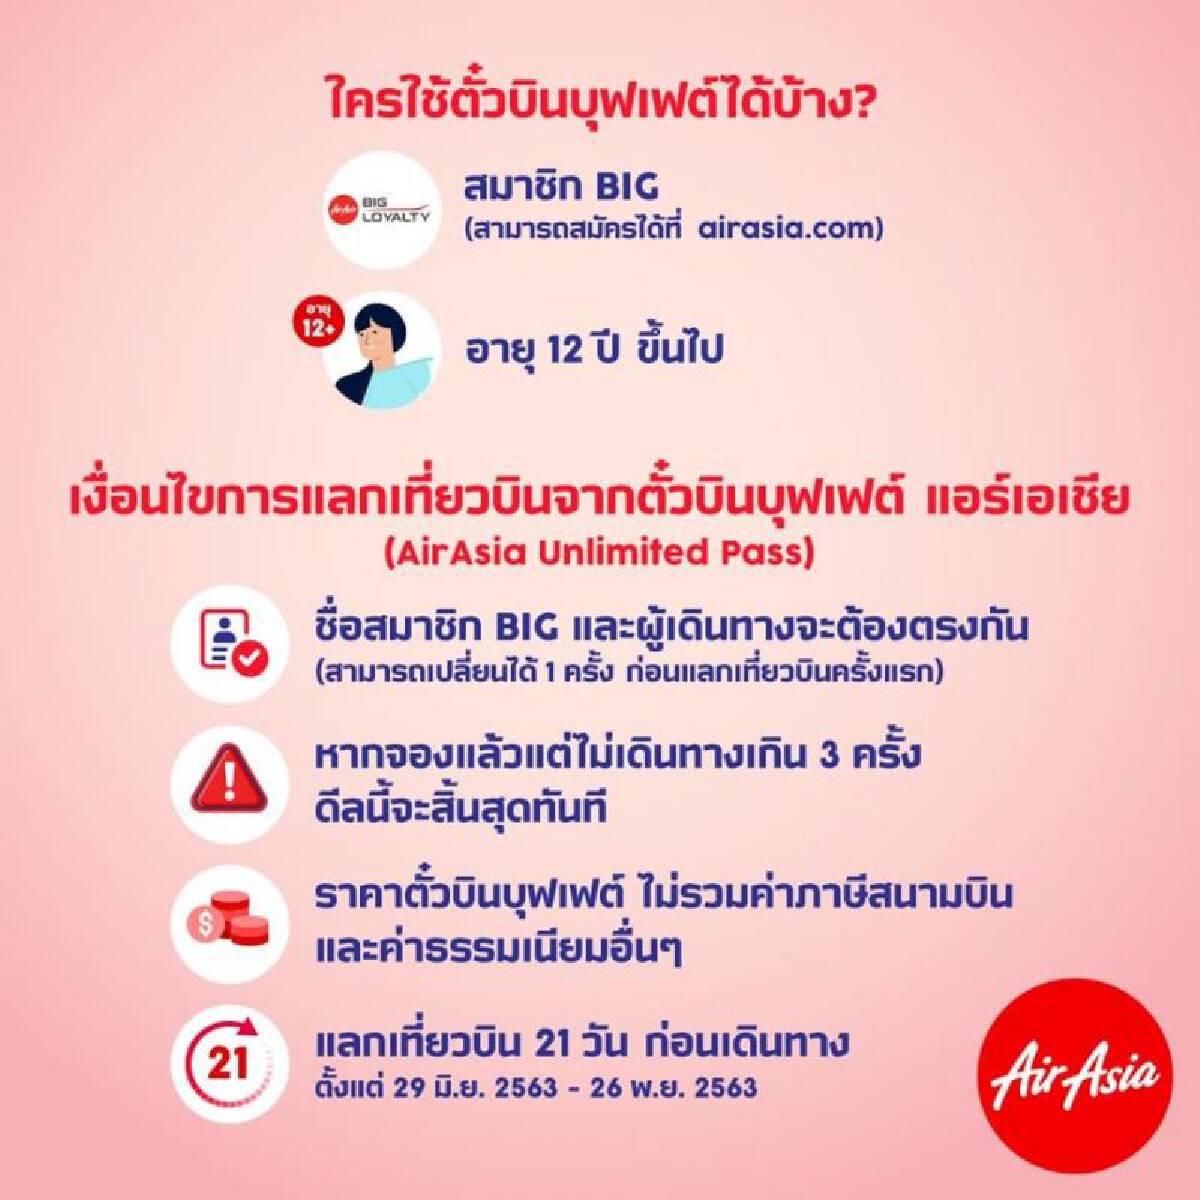 """""""ไทยแอร์เอเชีย"""" (Thai AirAsia) เคาะแล้วตั๋วเครื่องบินบุฟเฟต์ """"บินทั่วไทยไม่อั้น"""" 2,999 บาท"""